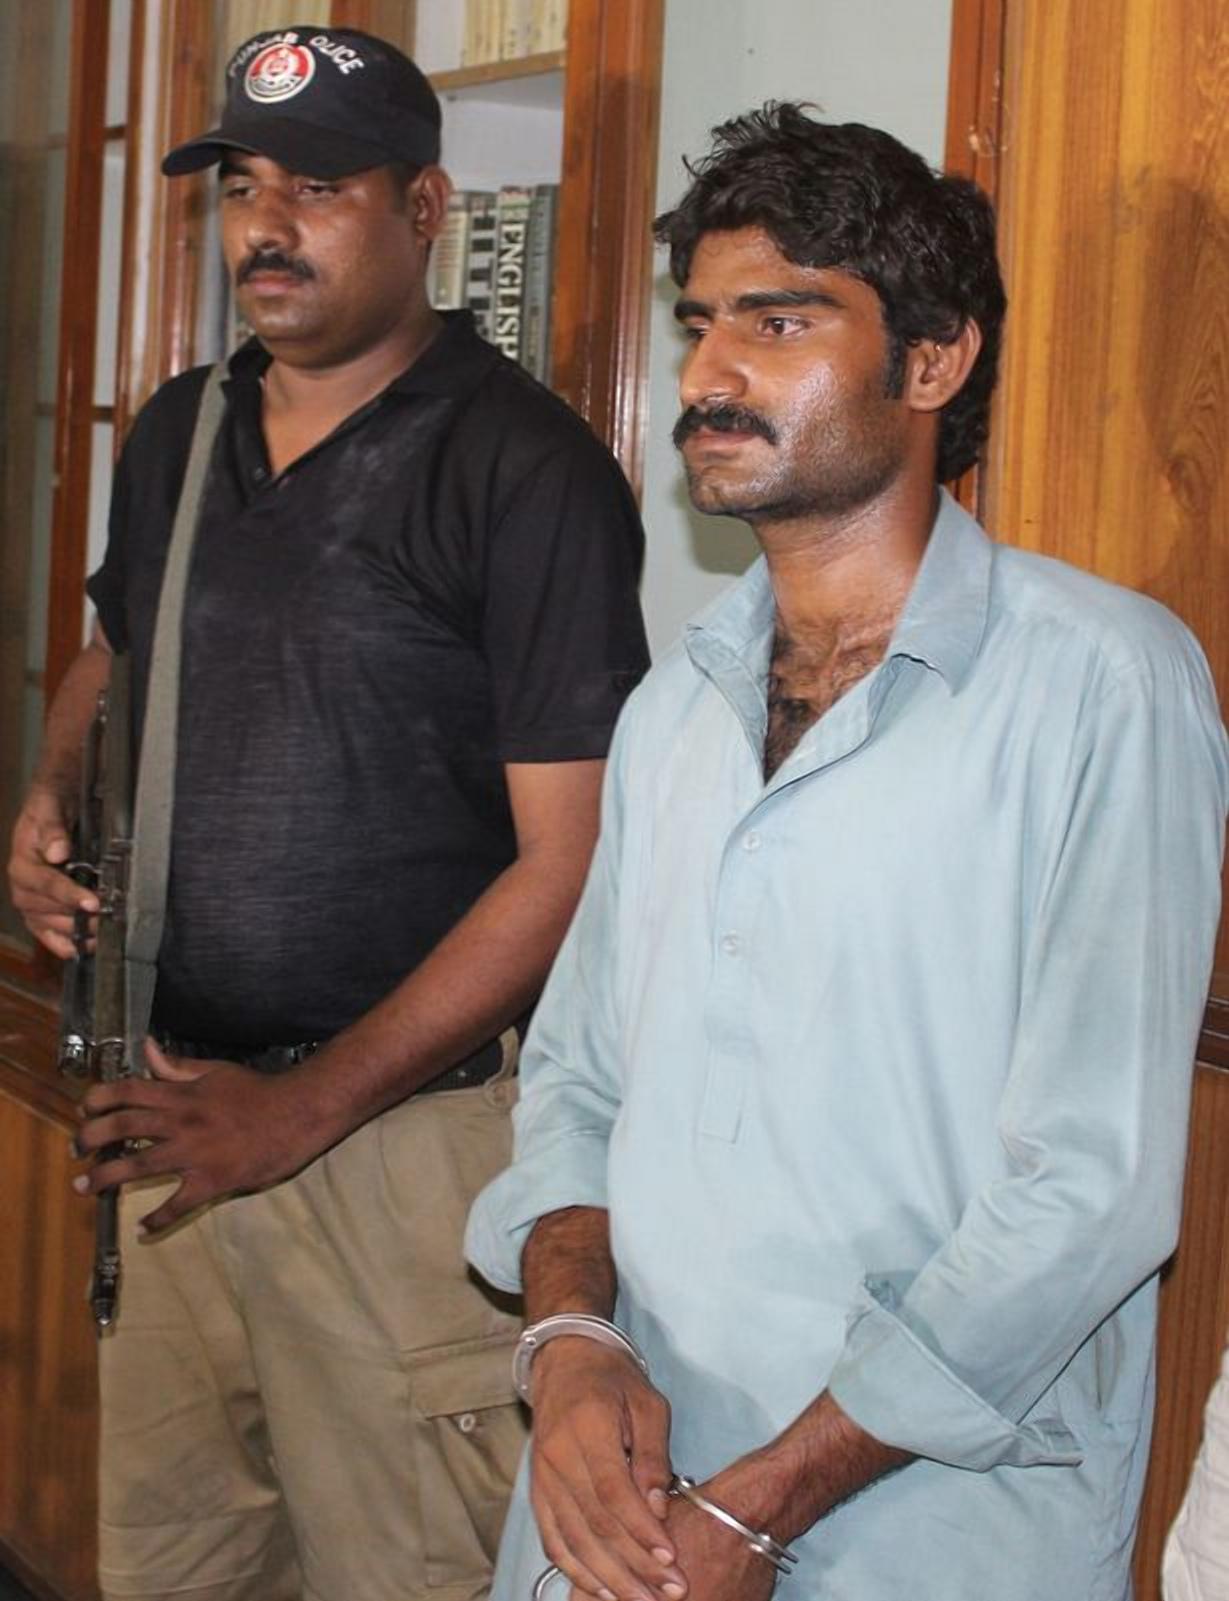 Фото: FAISAL KAREEM / EPA-EFE / REX / Мухаммед был признан виновным в убийстве и приговорен к пожизненному заключению /